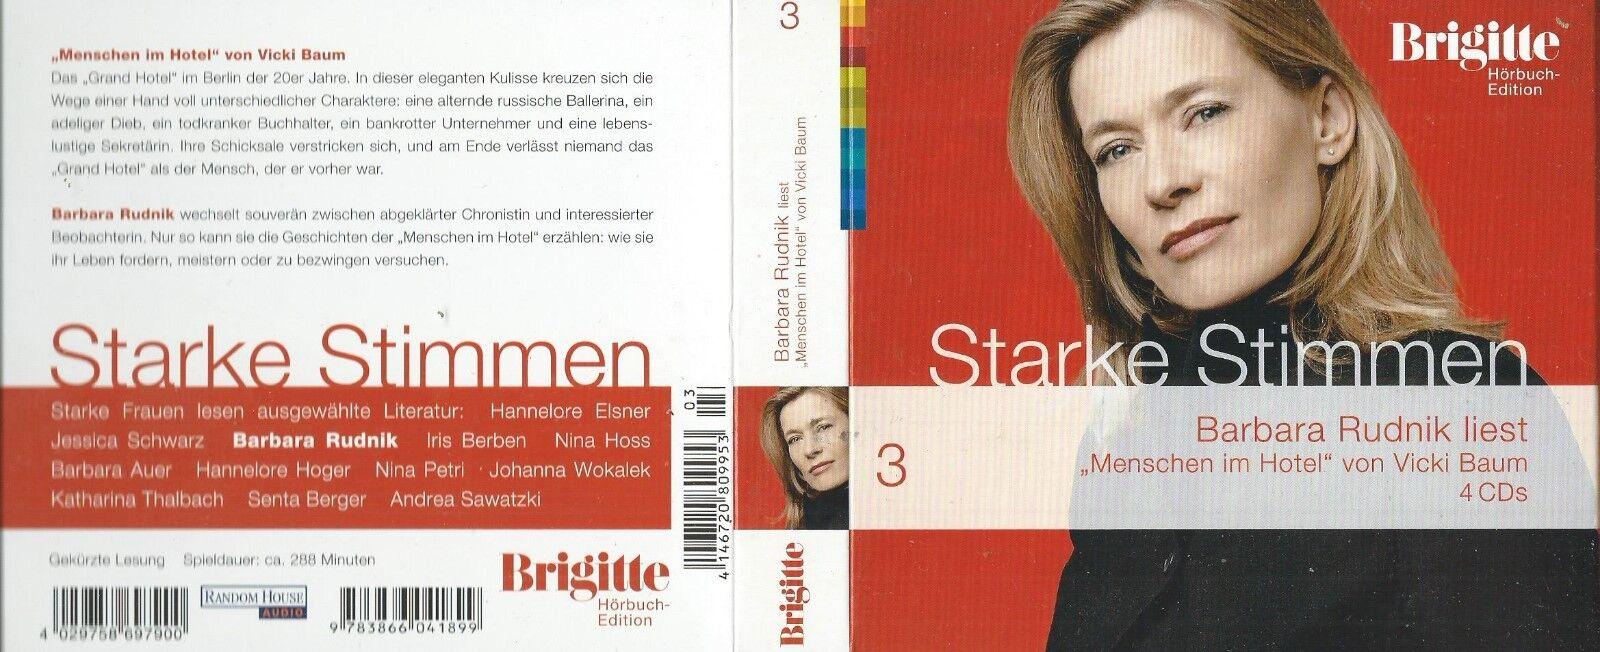 Menschen im Hotel. 4 CDs von Vicki Baum (2006) gelesen von Barbara Rudnik - Vicki Baum